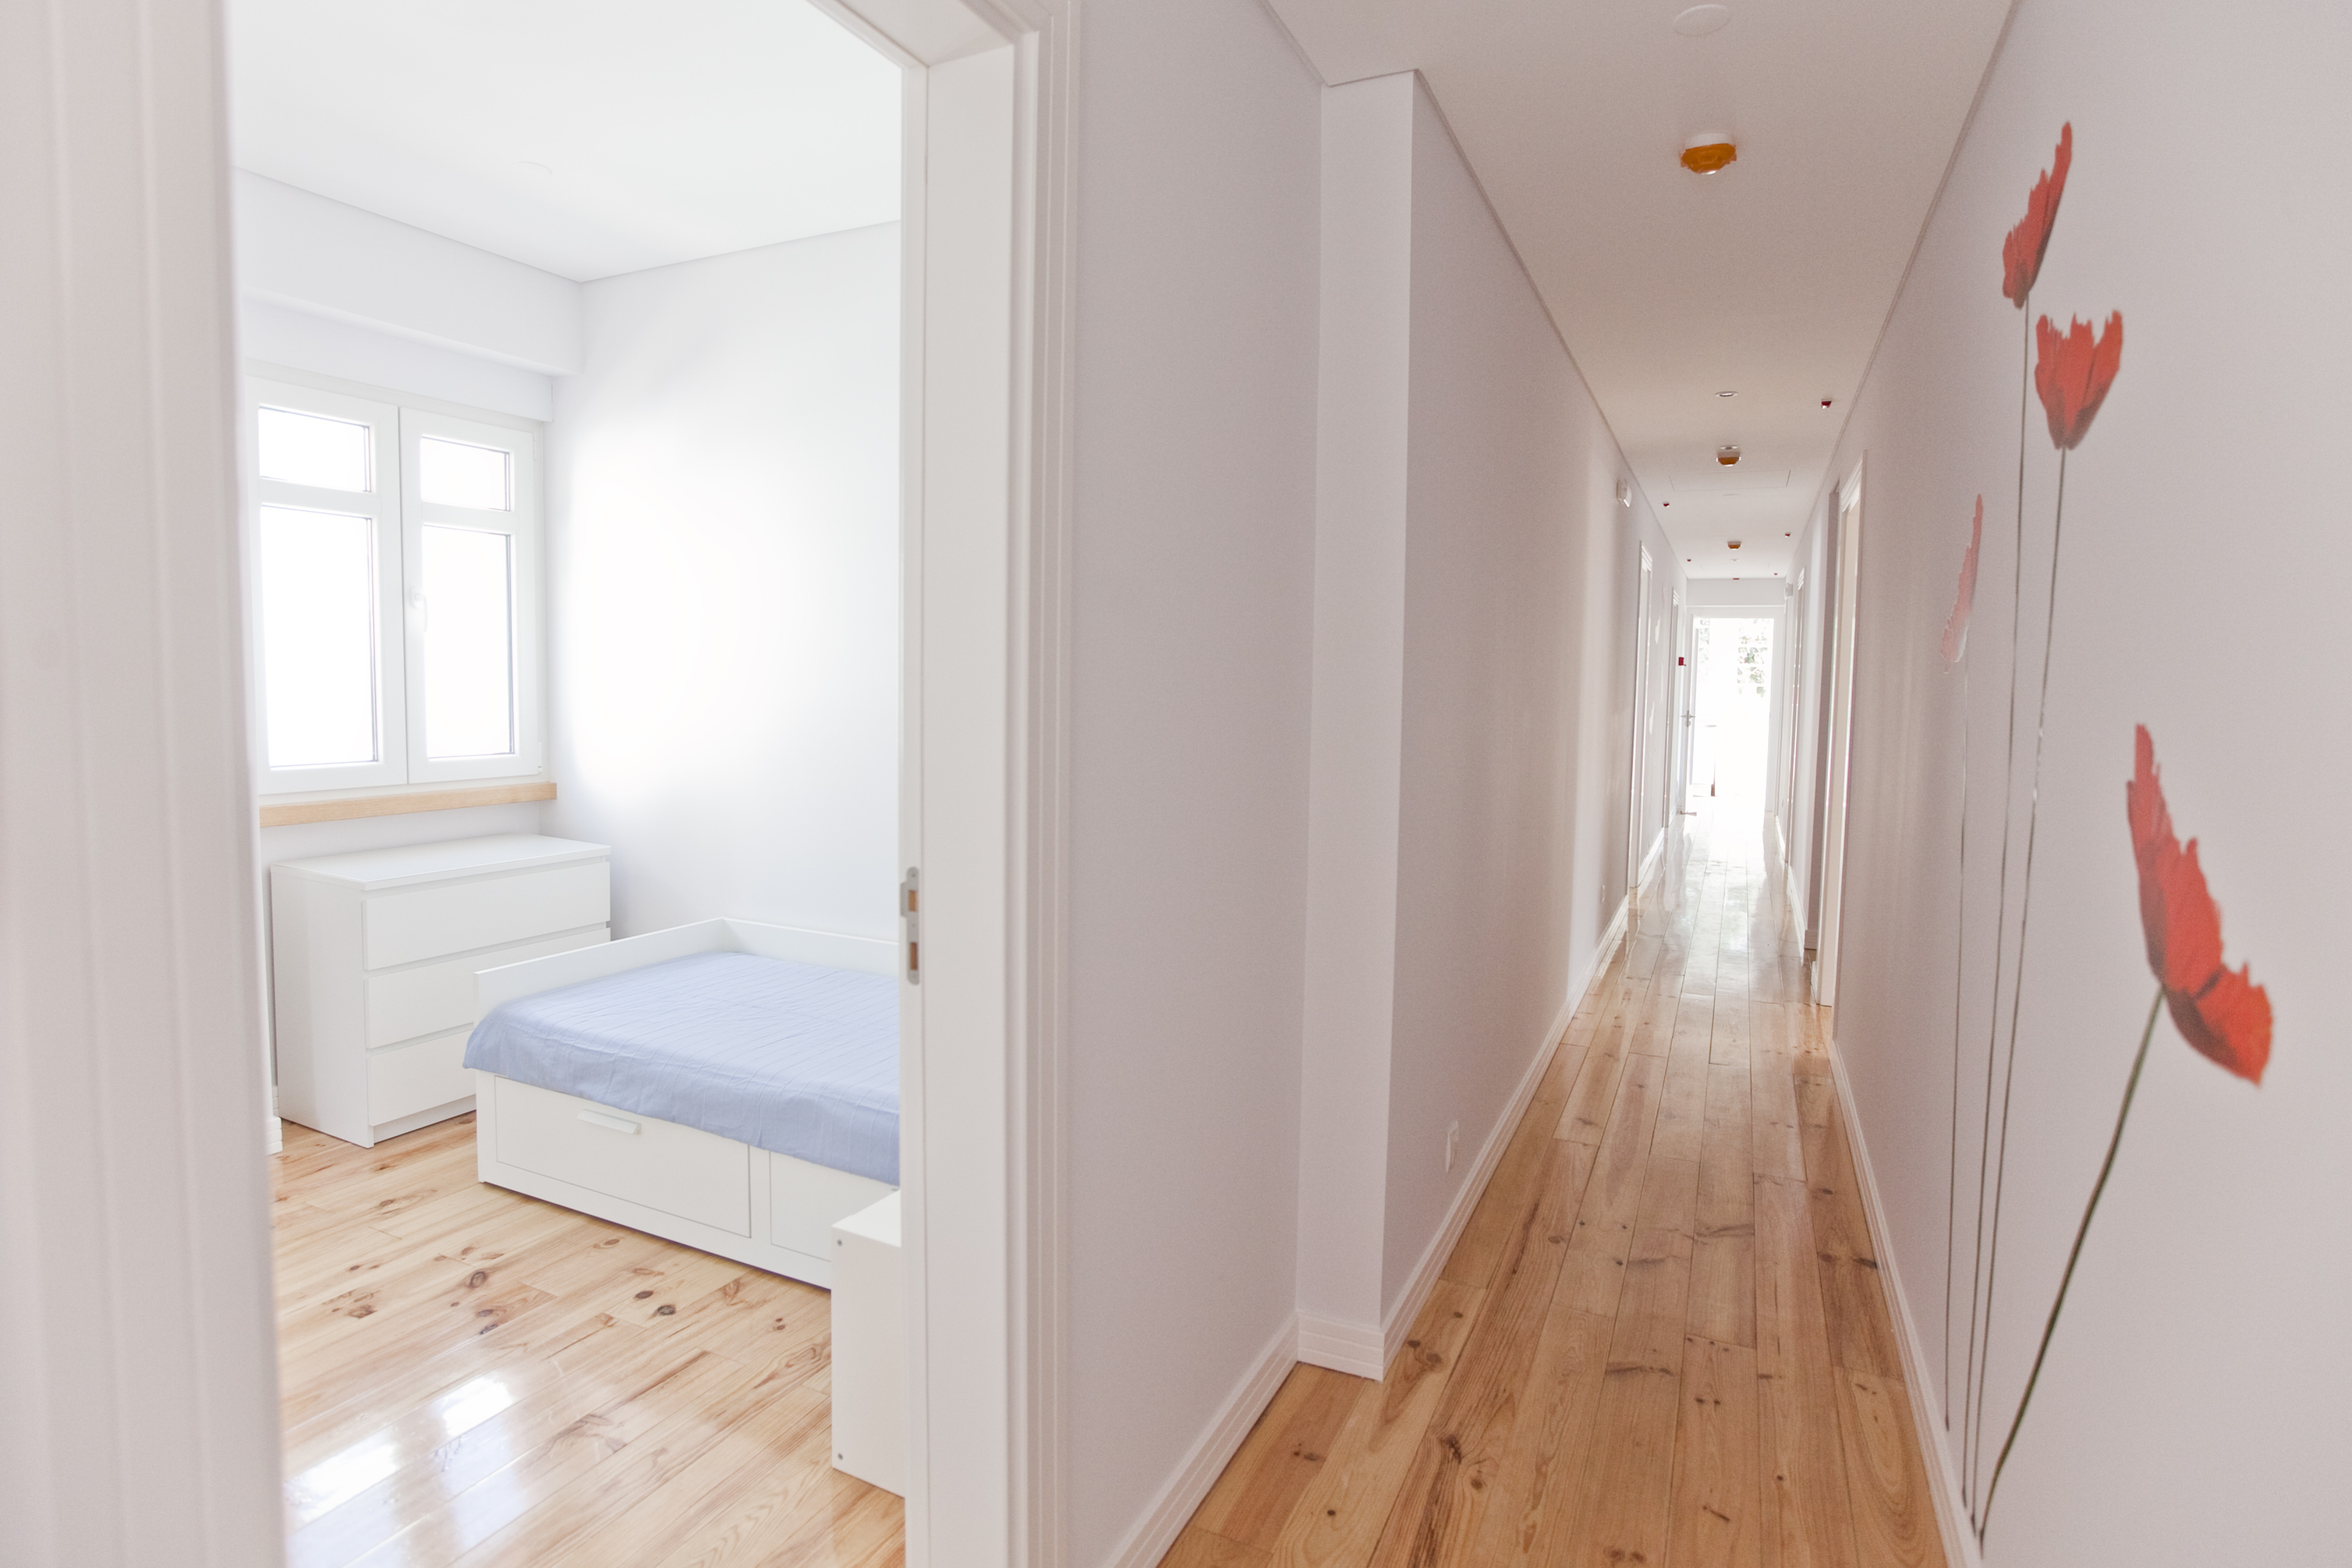 TE - Room 1 - Foto 1.JPG